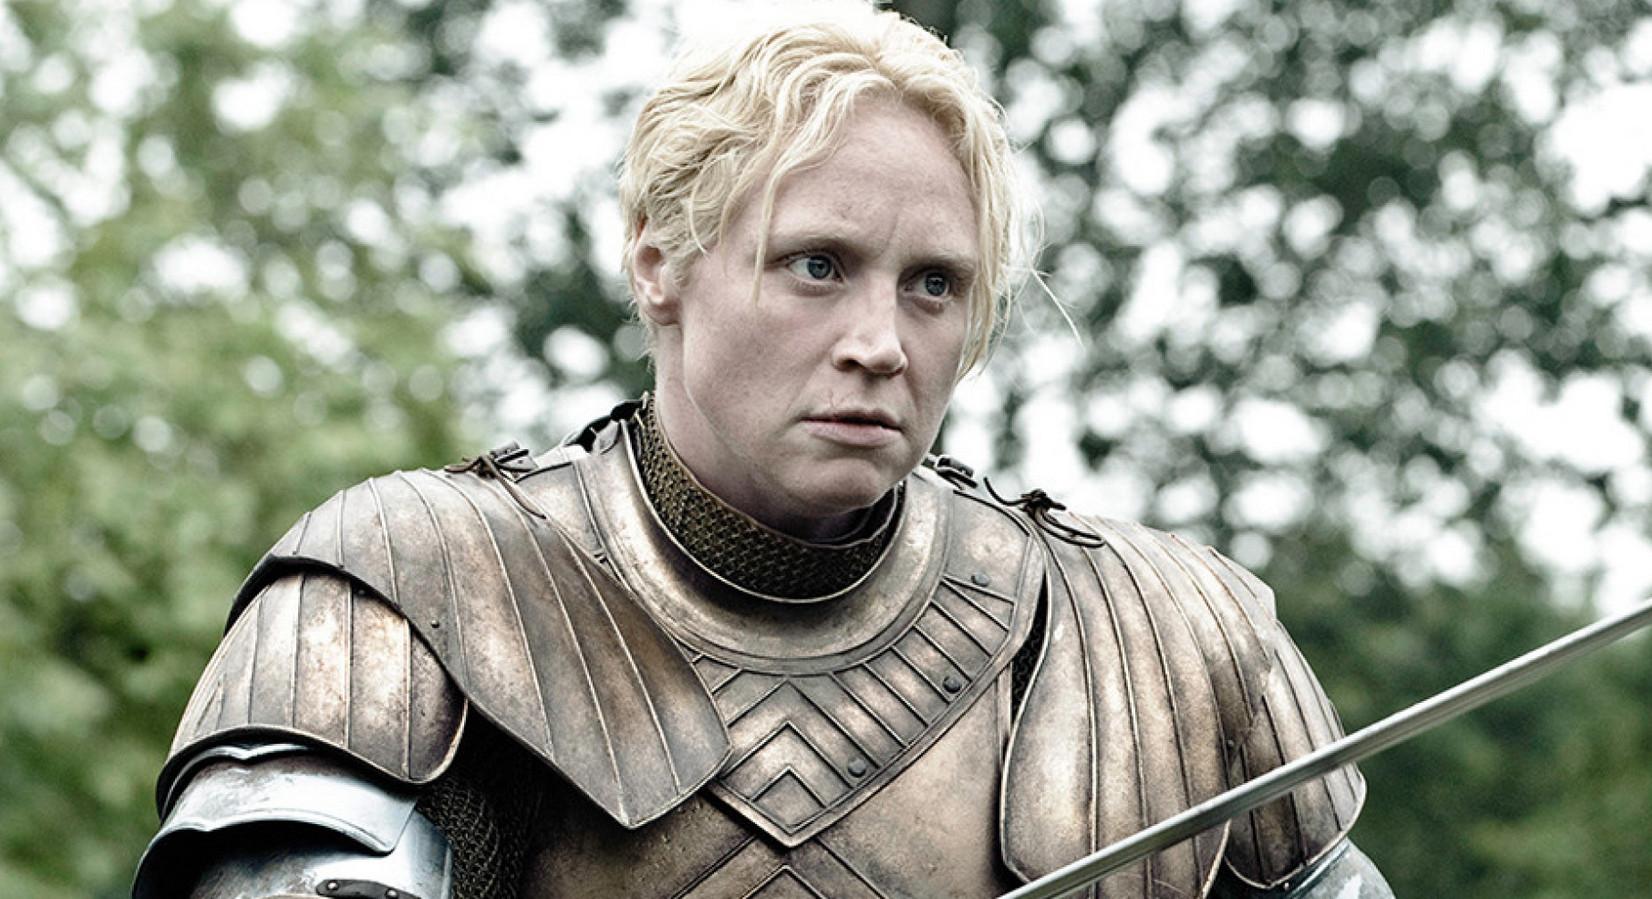 """Excellent : Brienne de """"Tarth Vador"""""""